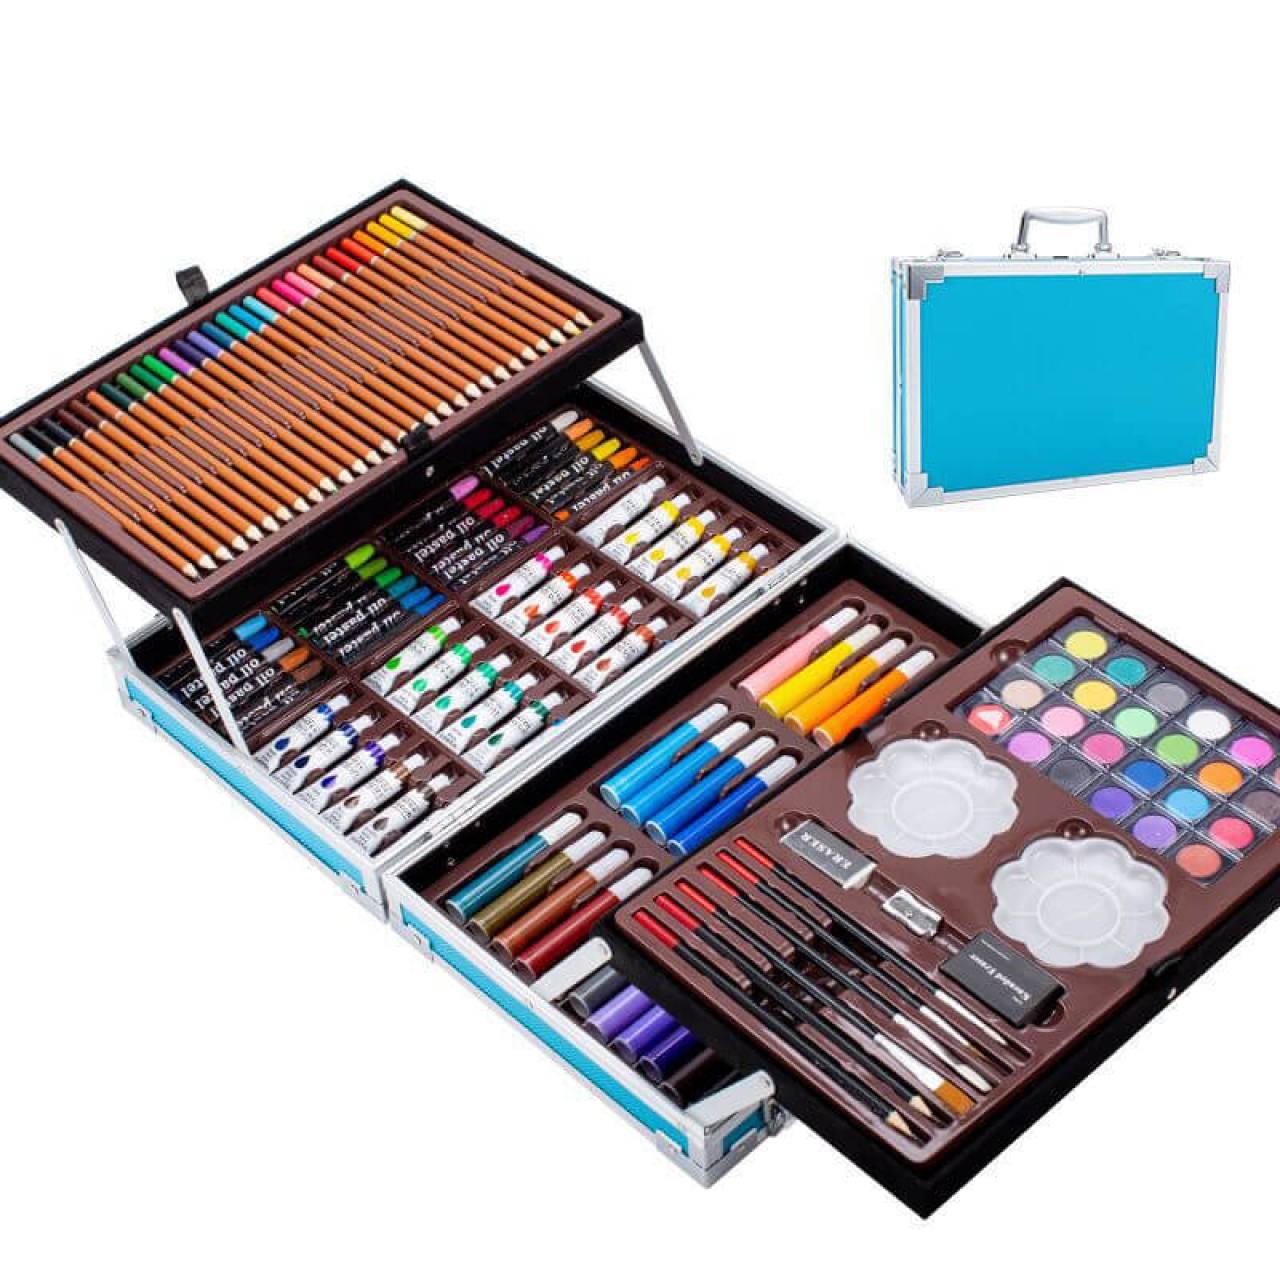 Набор для рисования в 2-х уровневом чемоданчике на 145 предметов